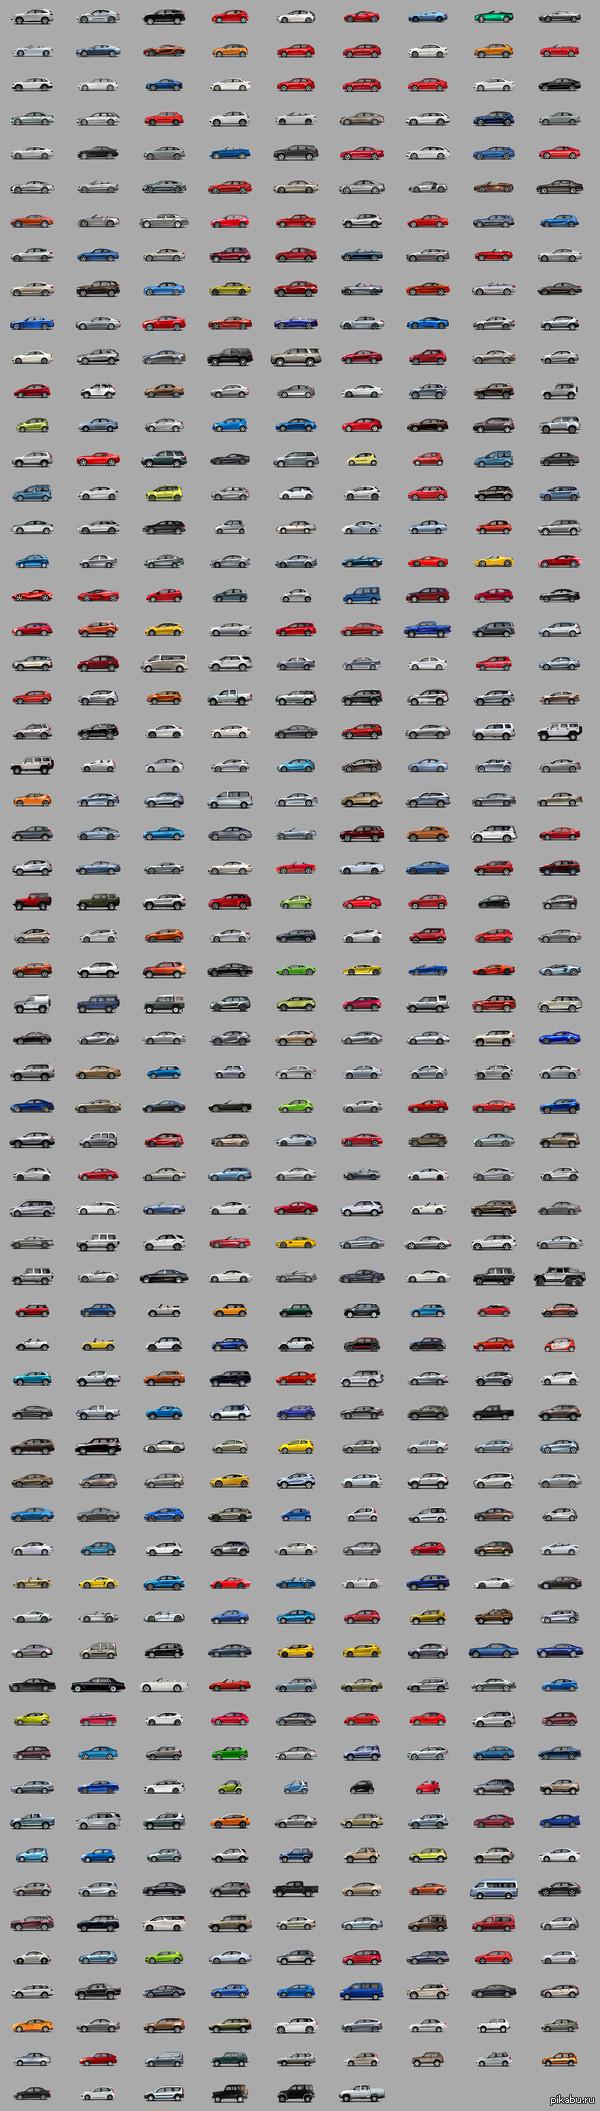 АвтоФотоАзбука - от Acura до УАЗ Собрал на досуге. По-алфавиту) Кликабельно (1920х6758)